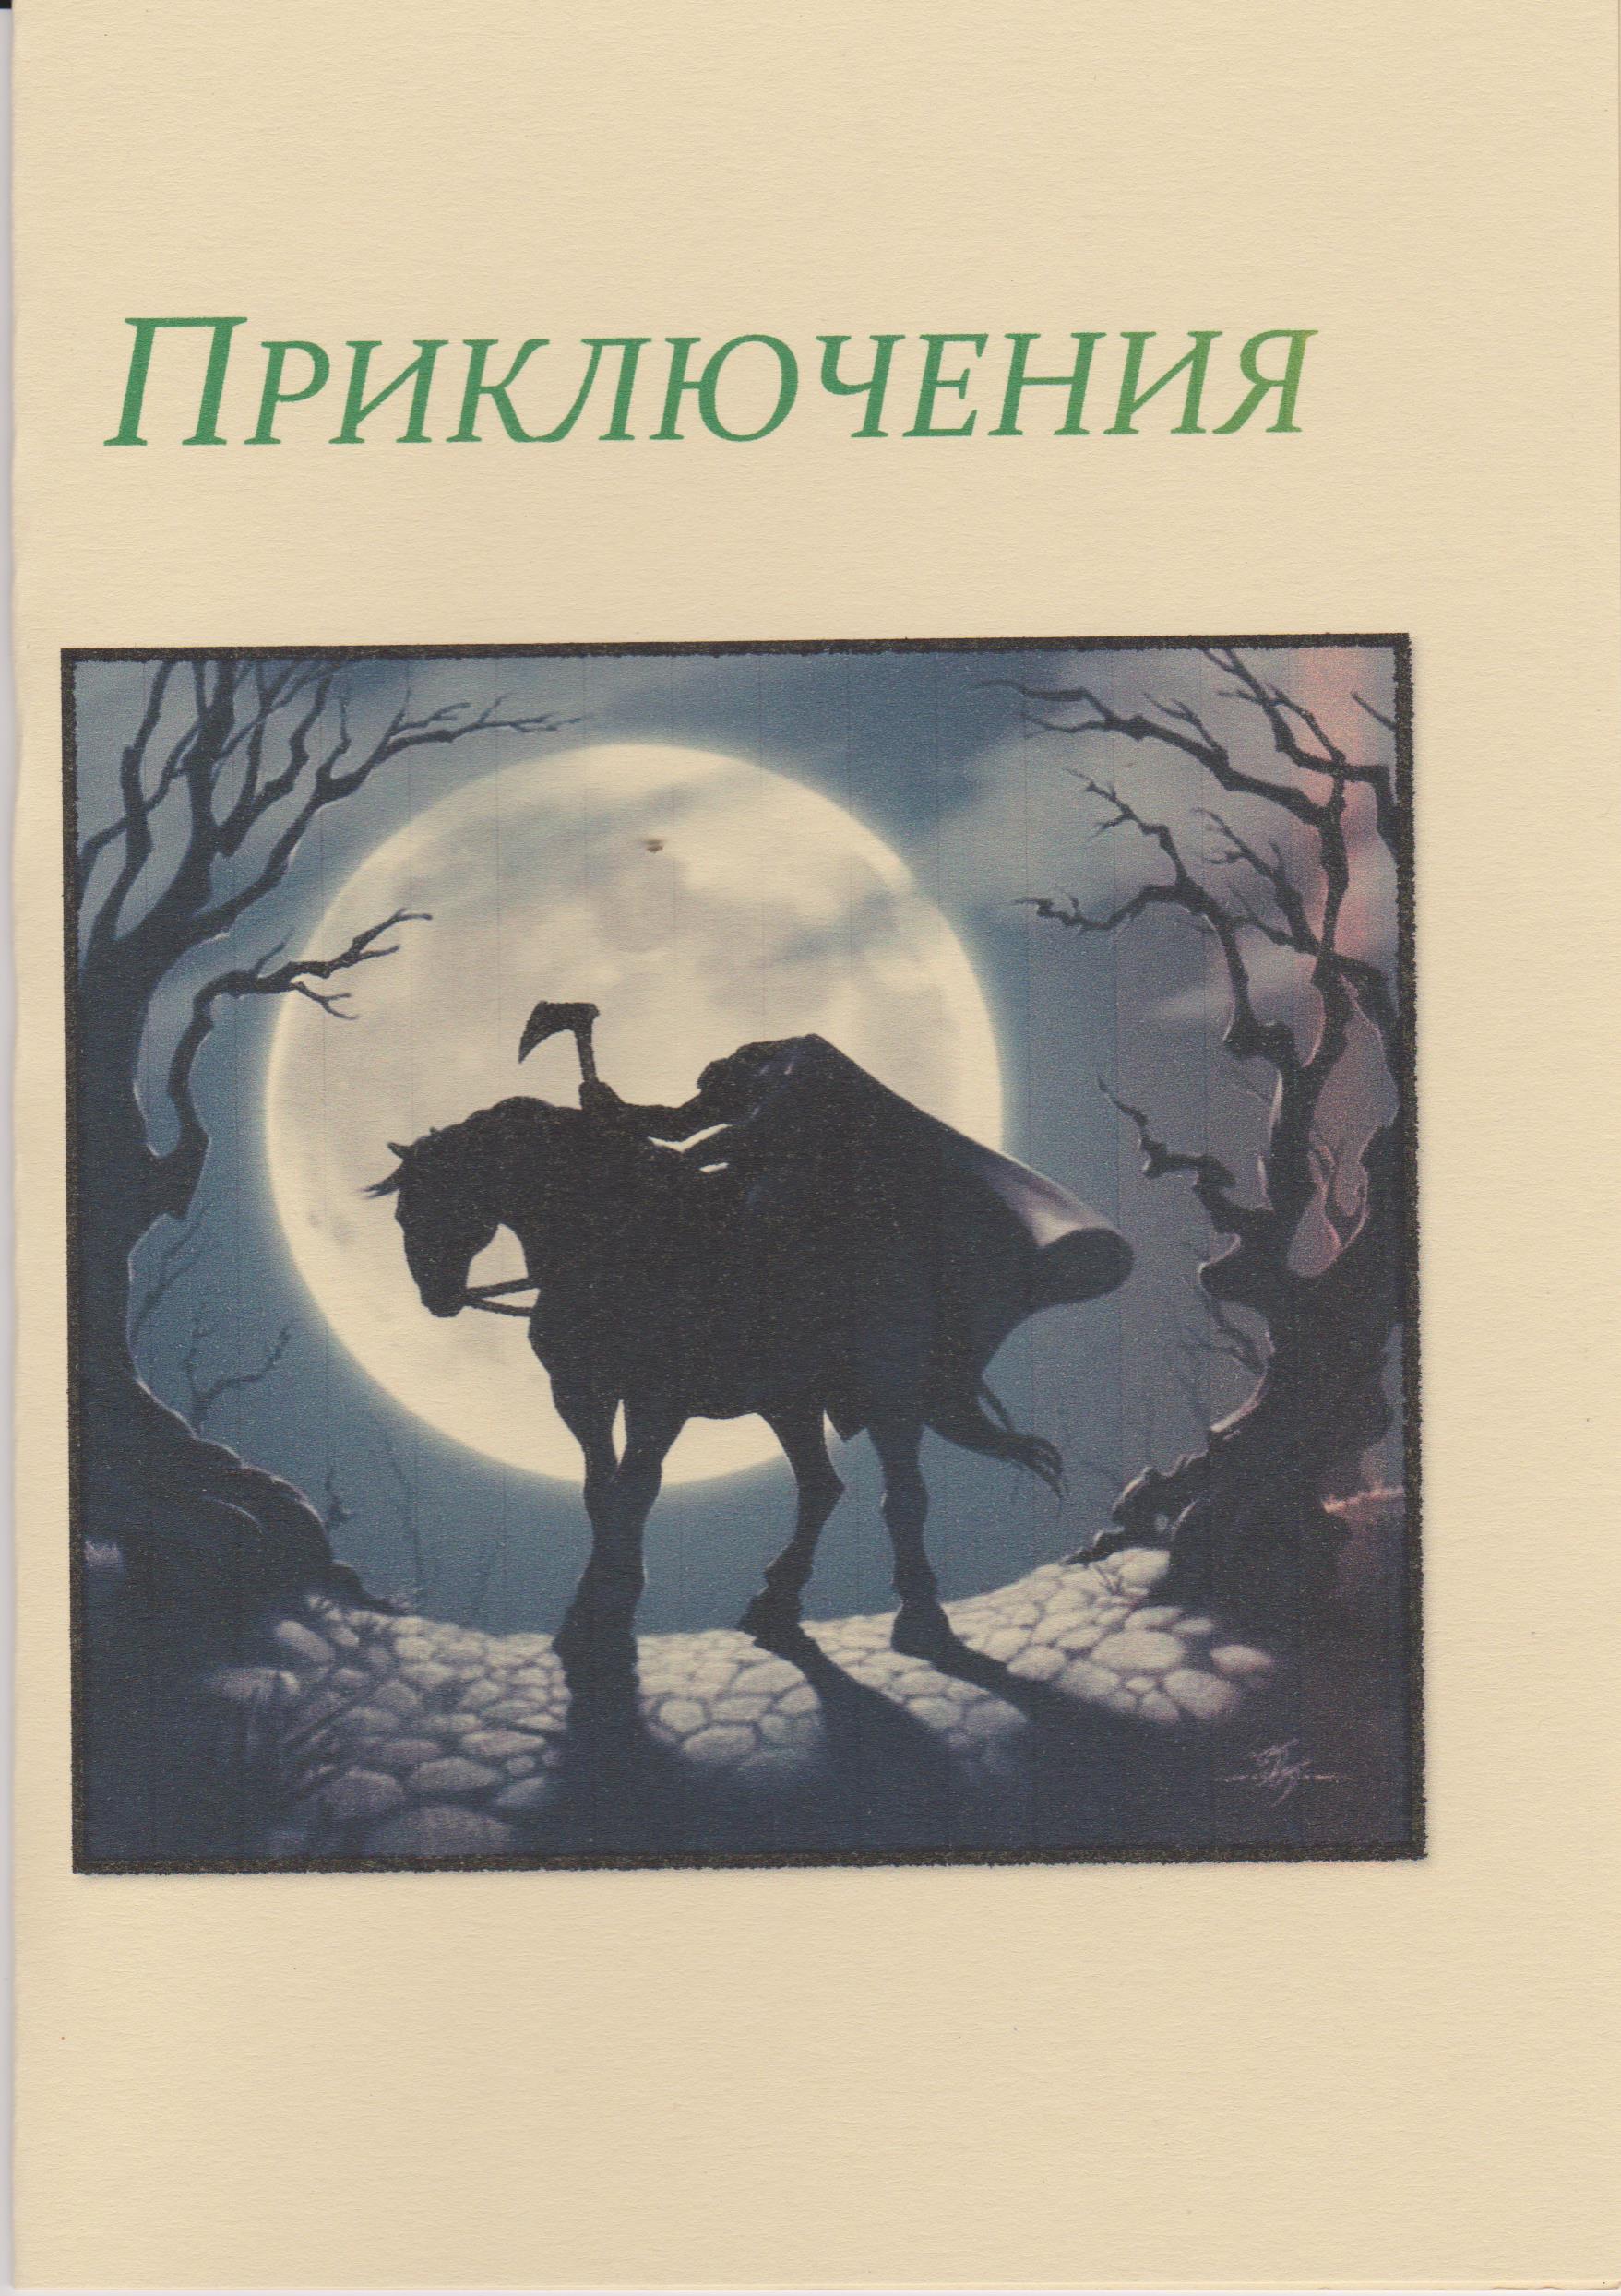 приключения,библиоподиум,шушкова ирина,библиотека-филиал17 жукова,симферополь